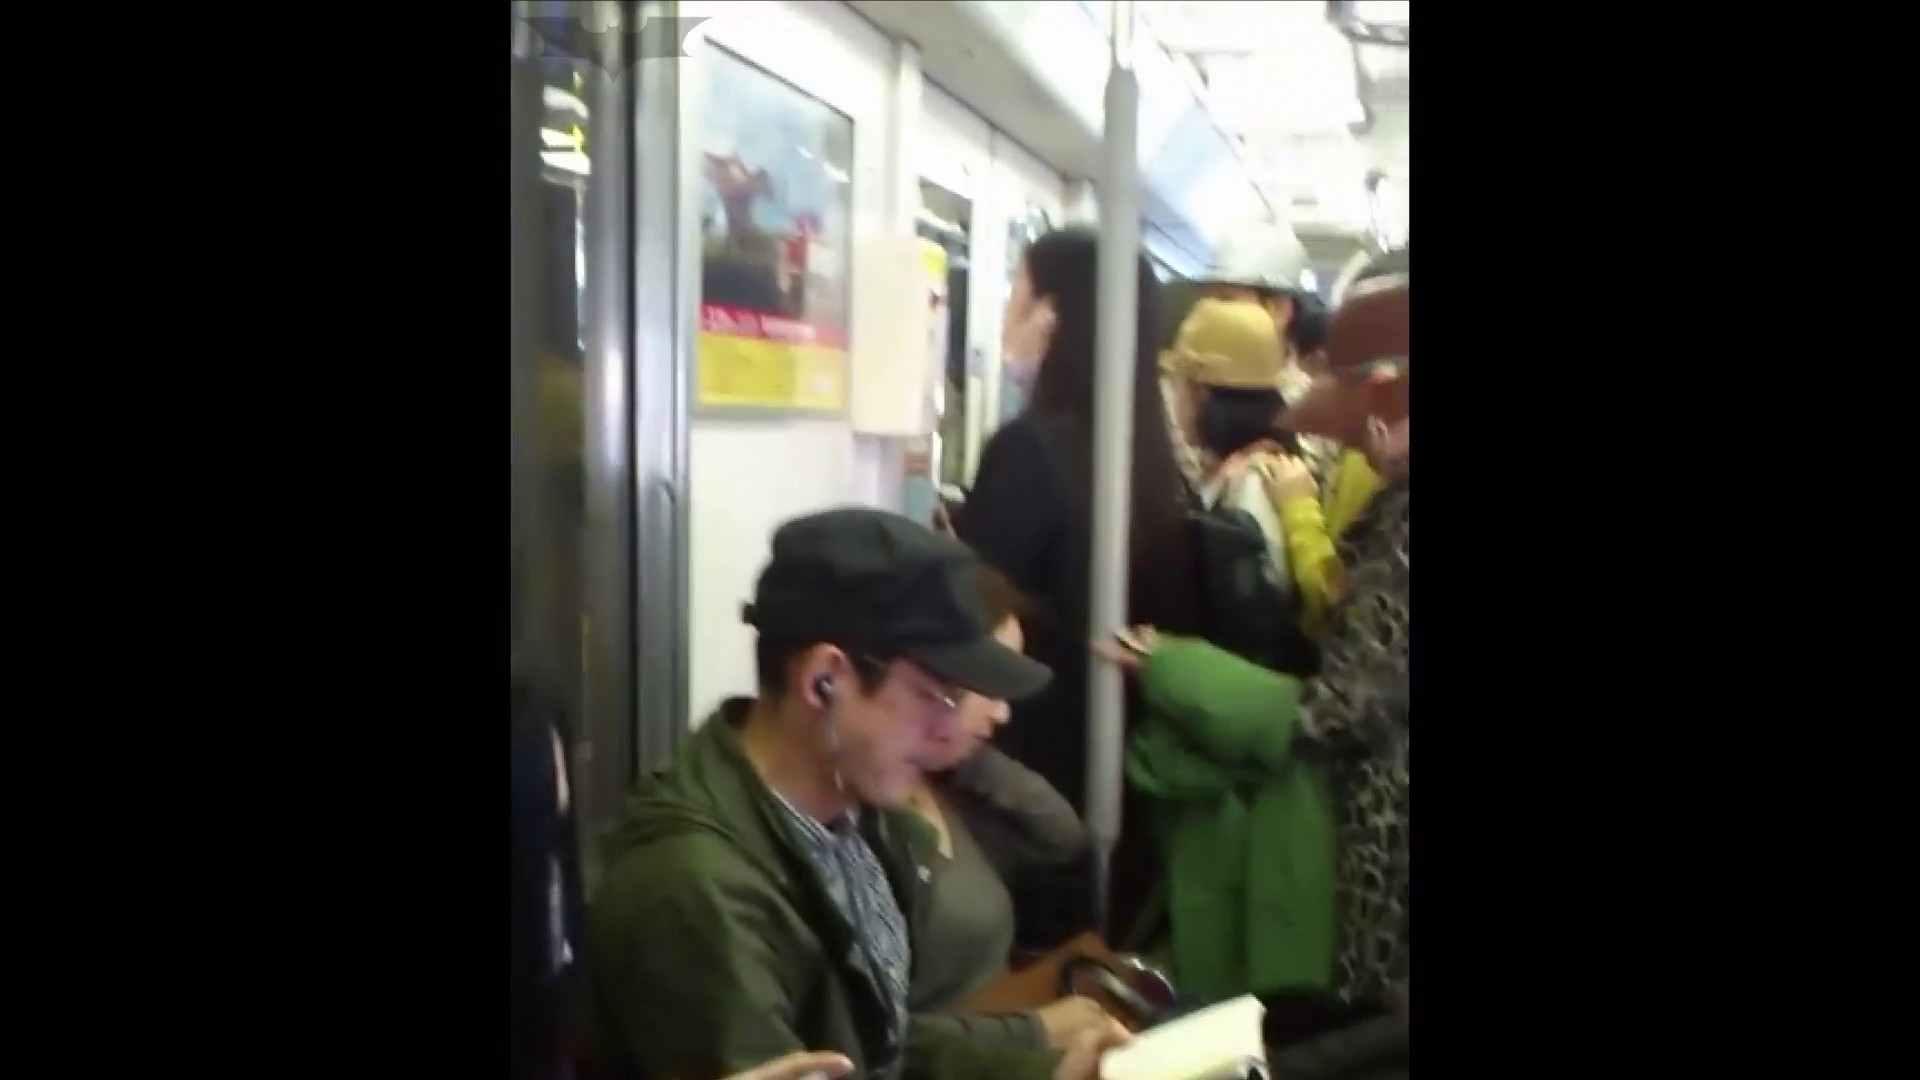 盗撮列車 Vol.14 お嬢様のバックプリントパンツ お嬢様のエロ動画 ワレメ動画紹介 99枚 98